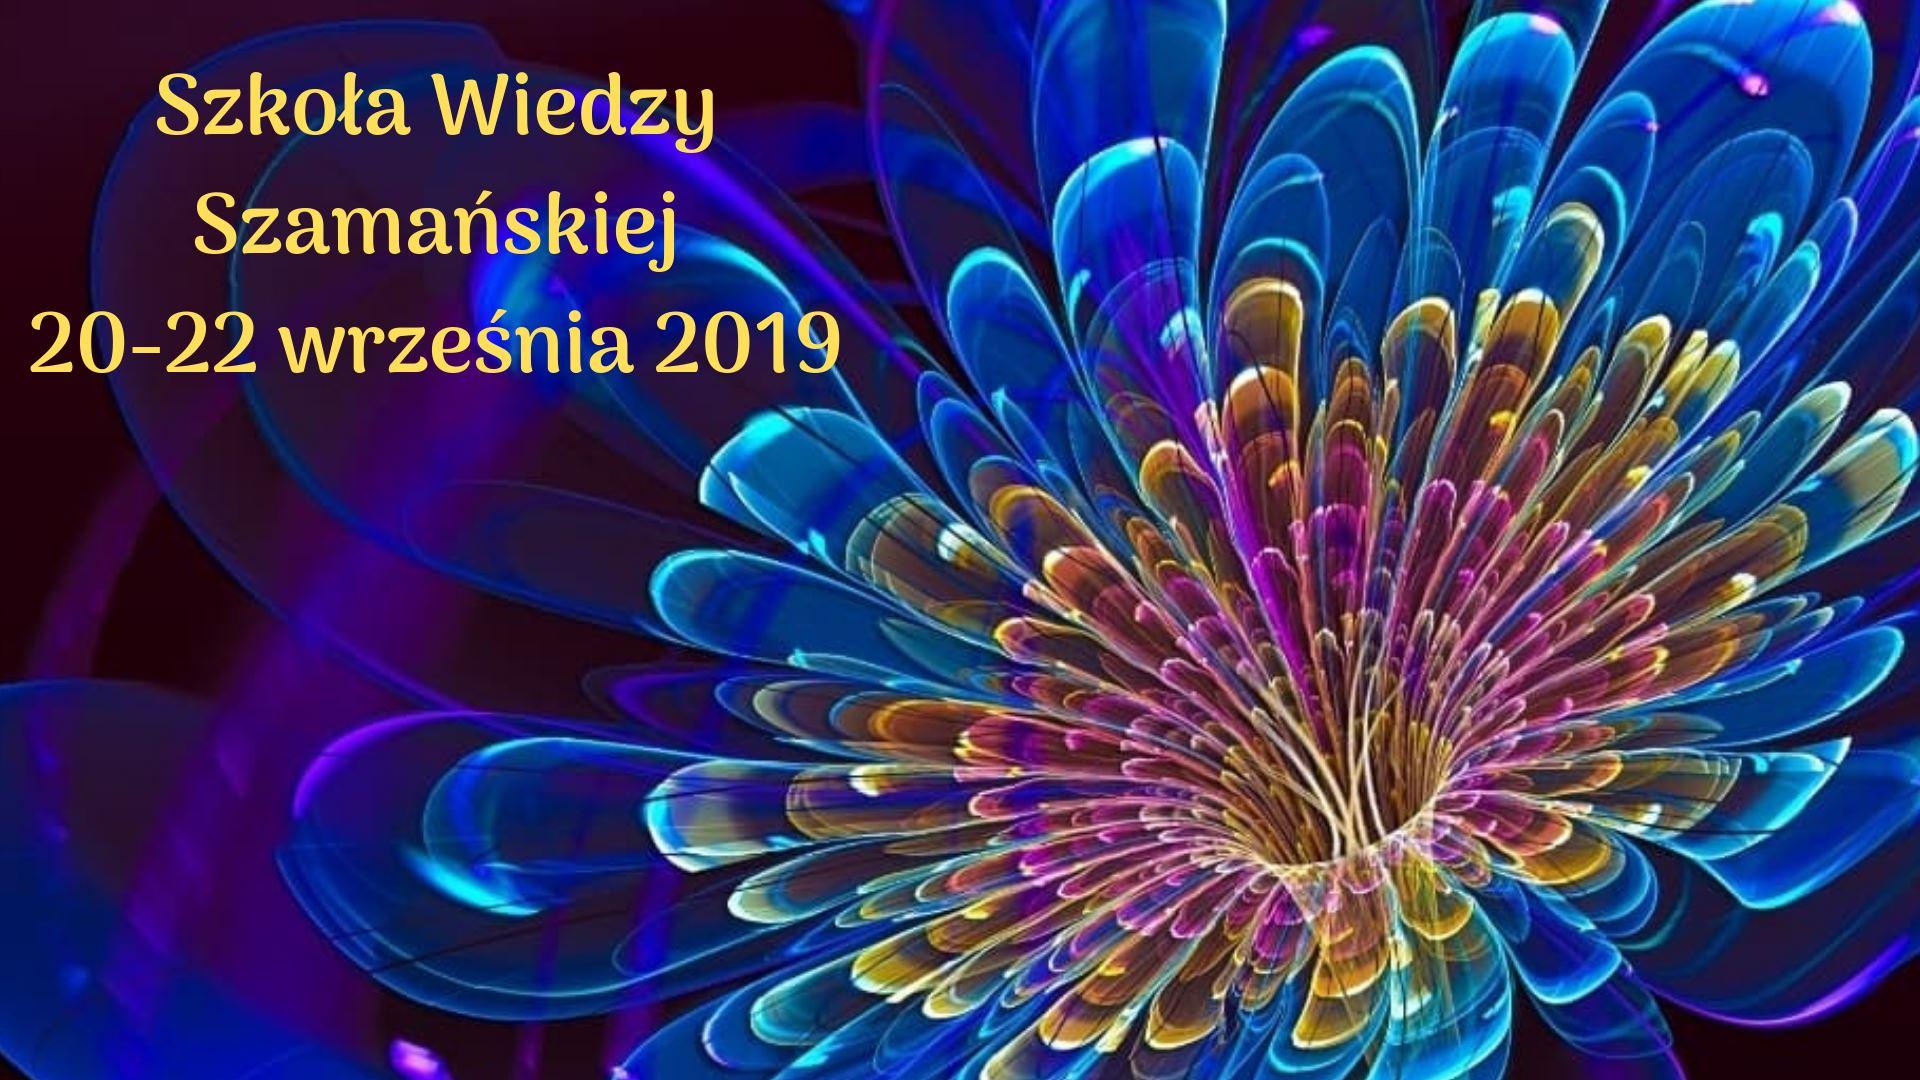 Szkoła Wiedzy Szamańskiej - wrzesień 2019